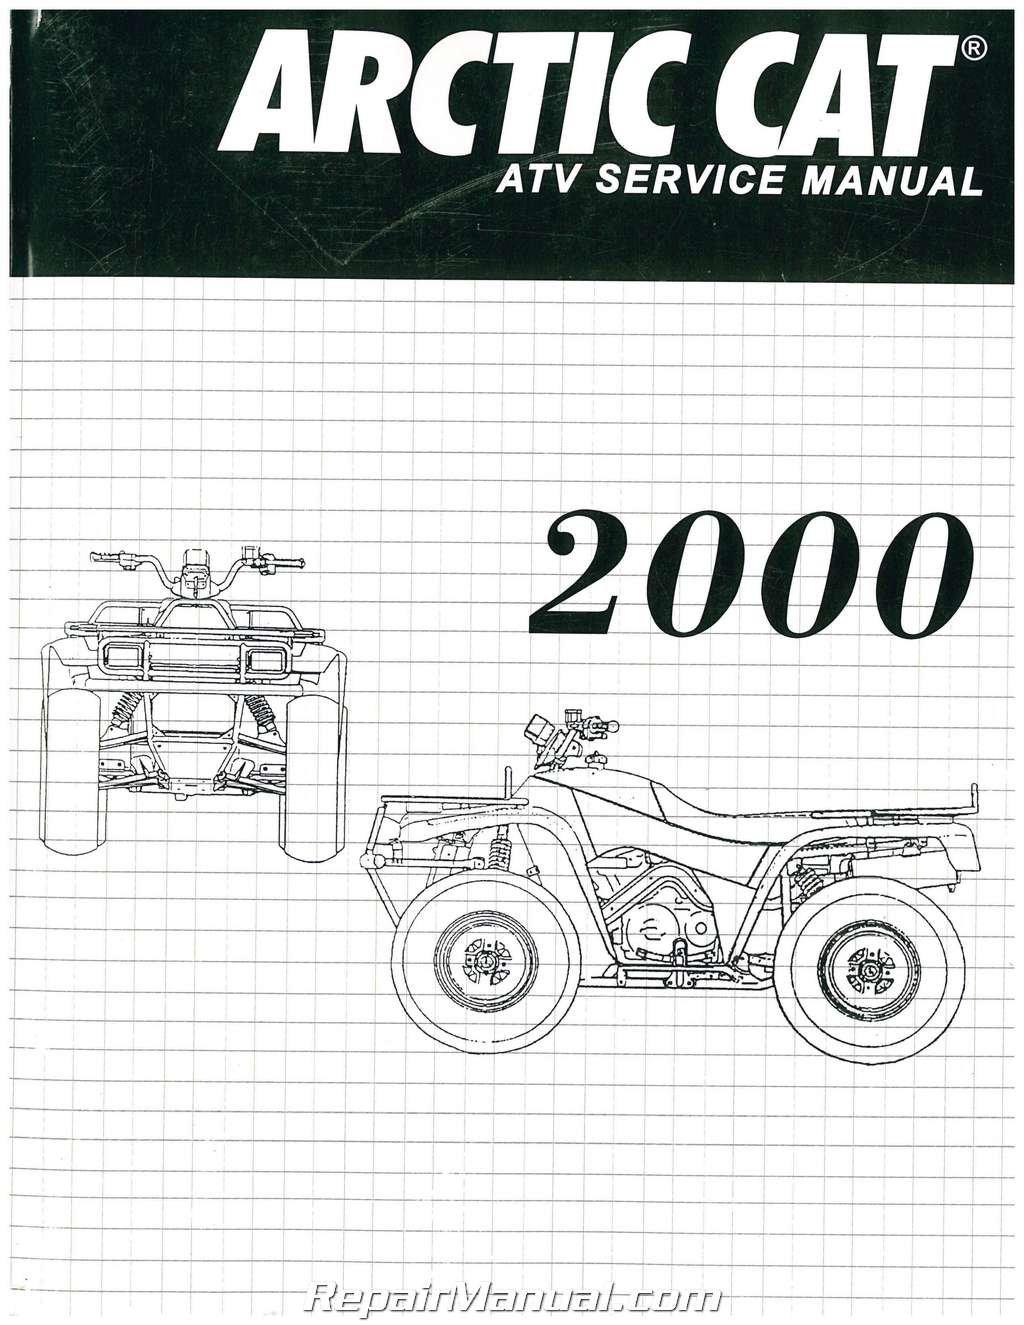 2004 arctic cat 250 wiring diagram schematic 77b8 2004 arctic cat atv manuals wiring library  77b8 2004 arctic cat atv manuals